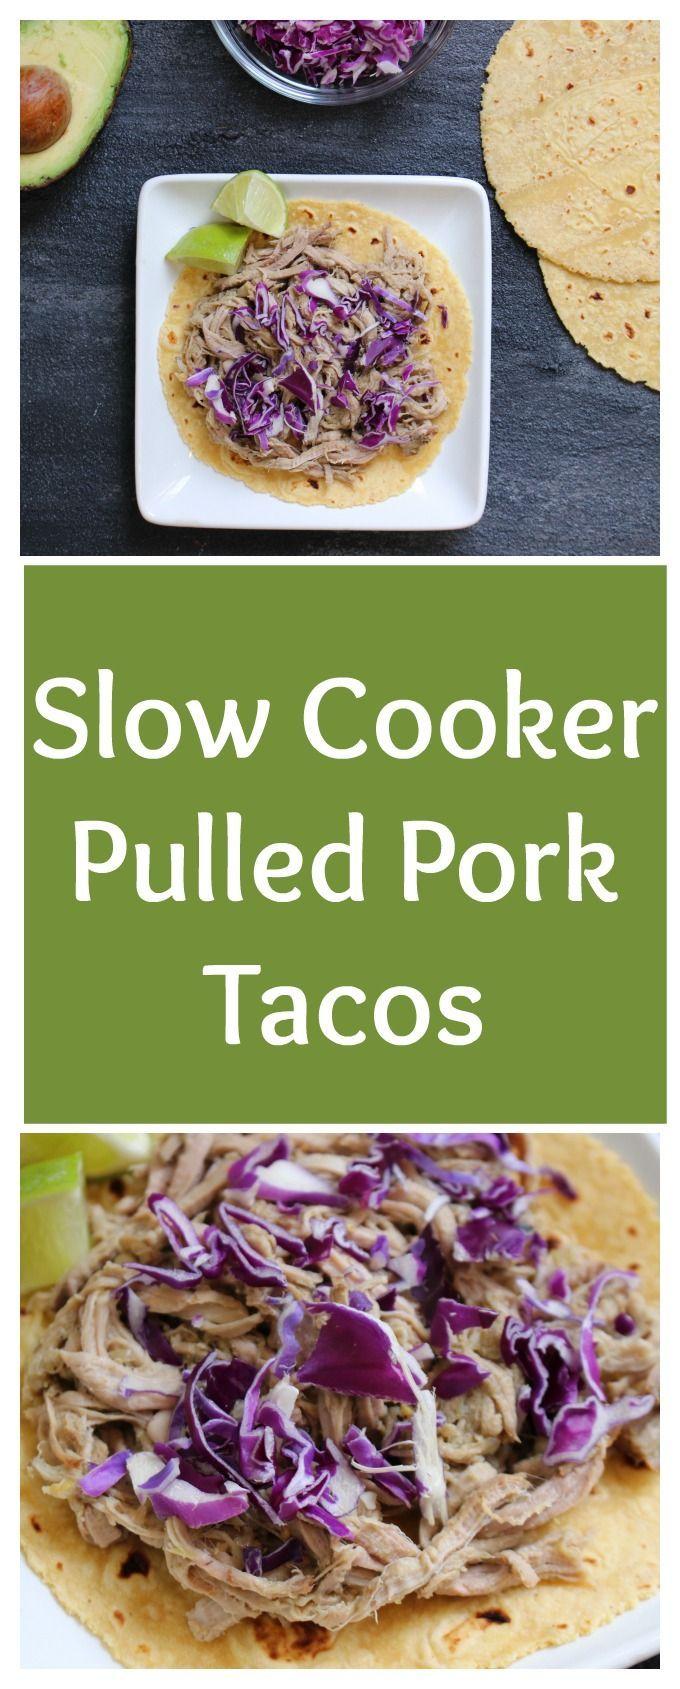 ... Pulled Pork for Tacos | Recipe | Pulled Pork Tacos, Pork